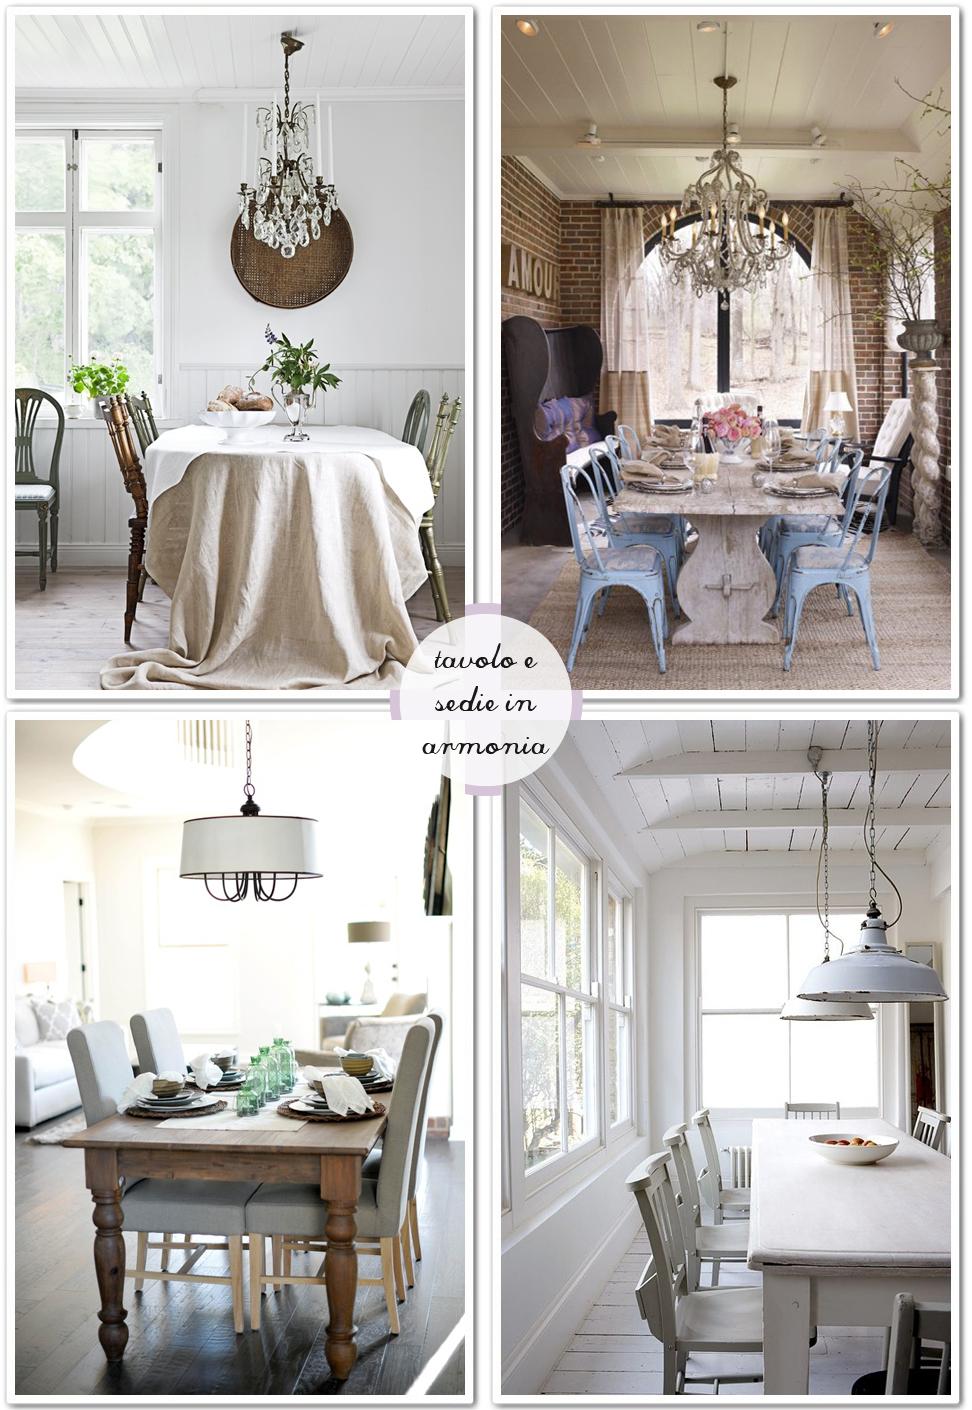 Una sedia per ogni tavolo - Shabby Chic Interiors